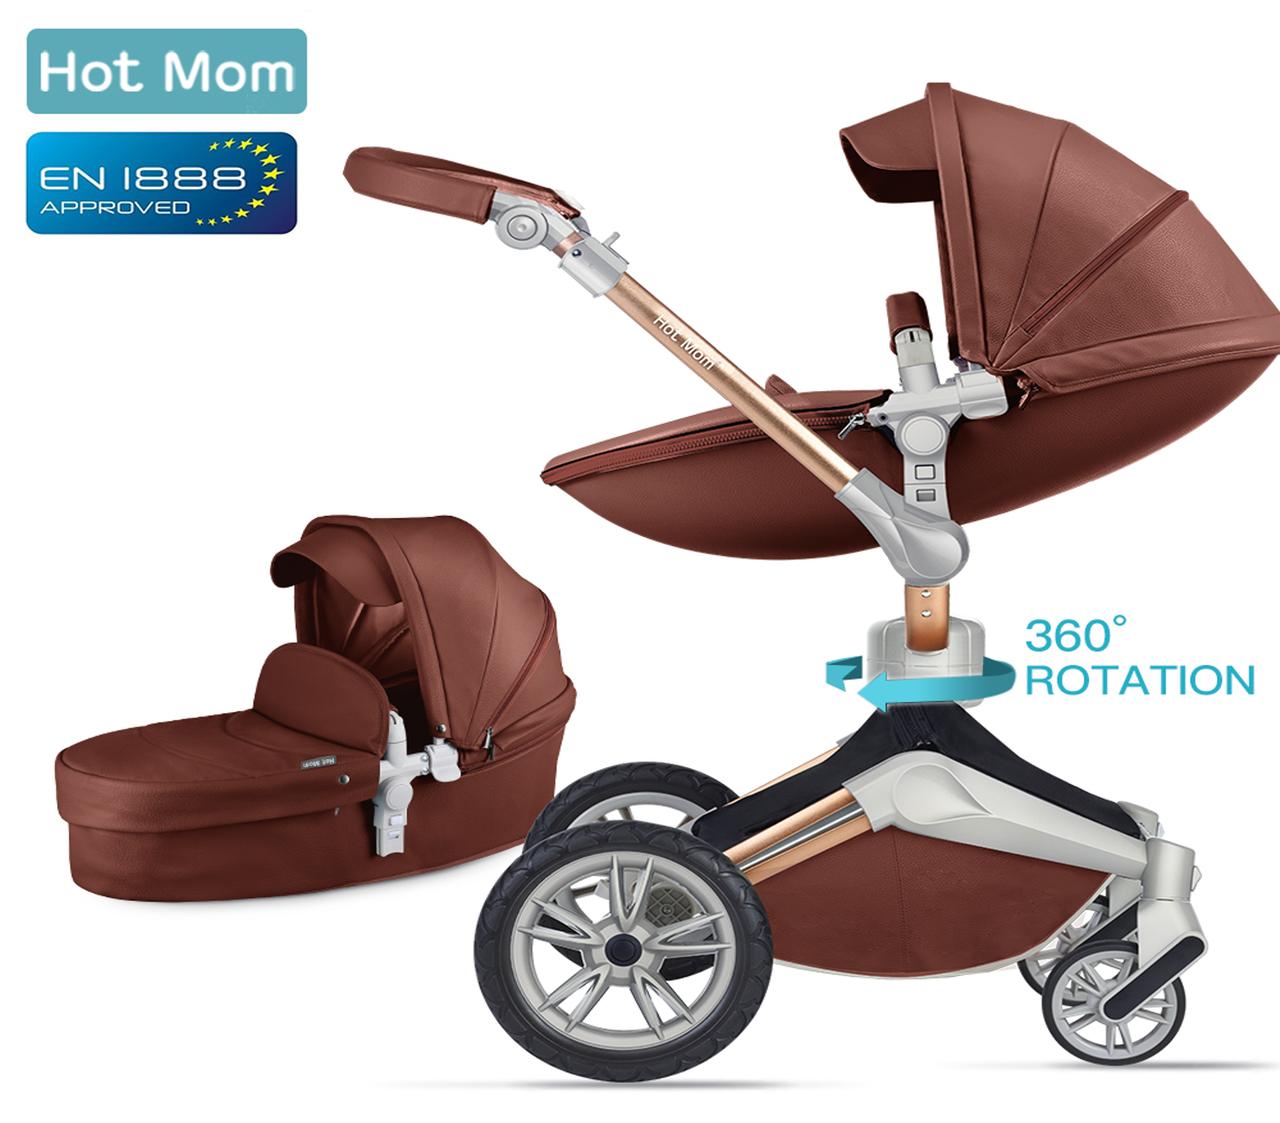 Оригинальная детская коляска Hot Mom 3в1 New 360 Dark Brown Тёмно-коричневый Прогулка, люлька и автокресло